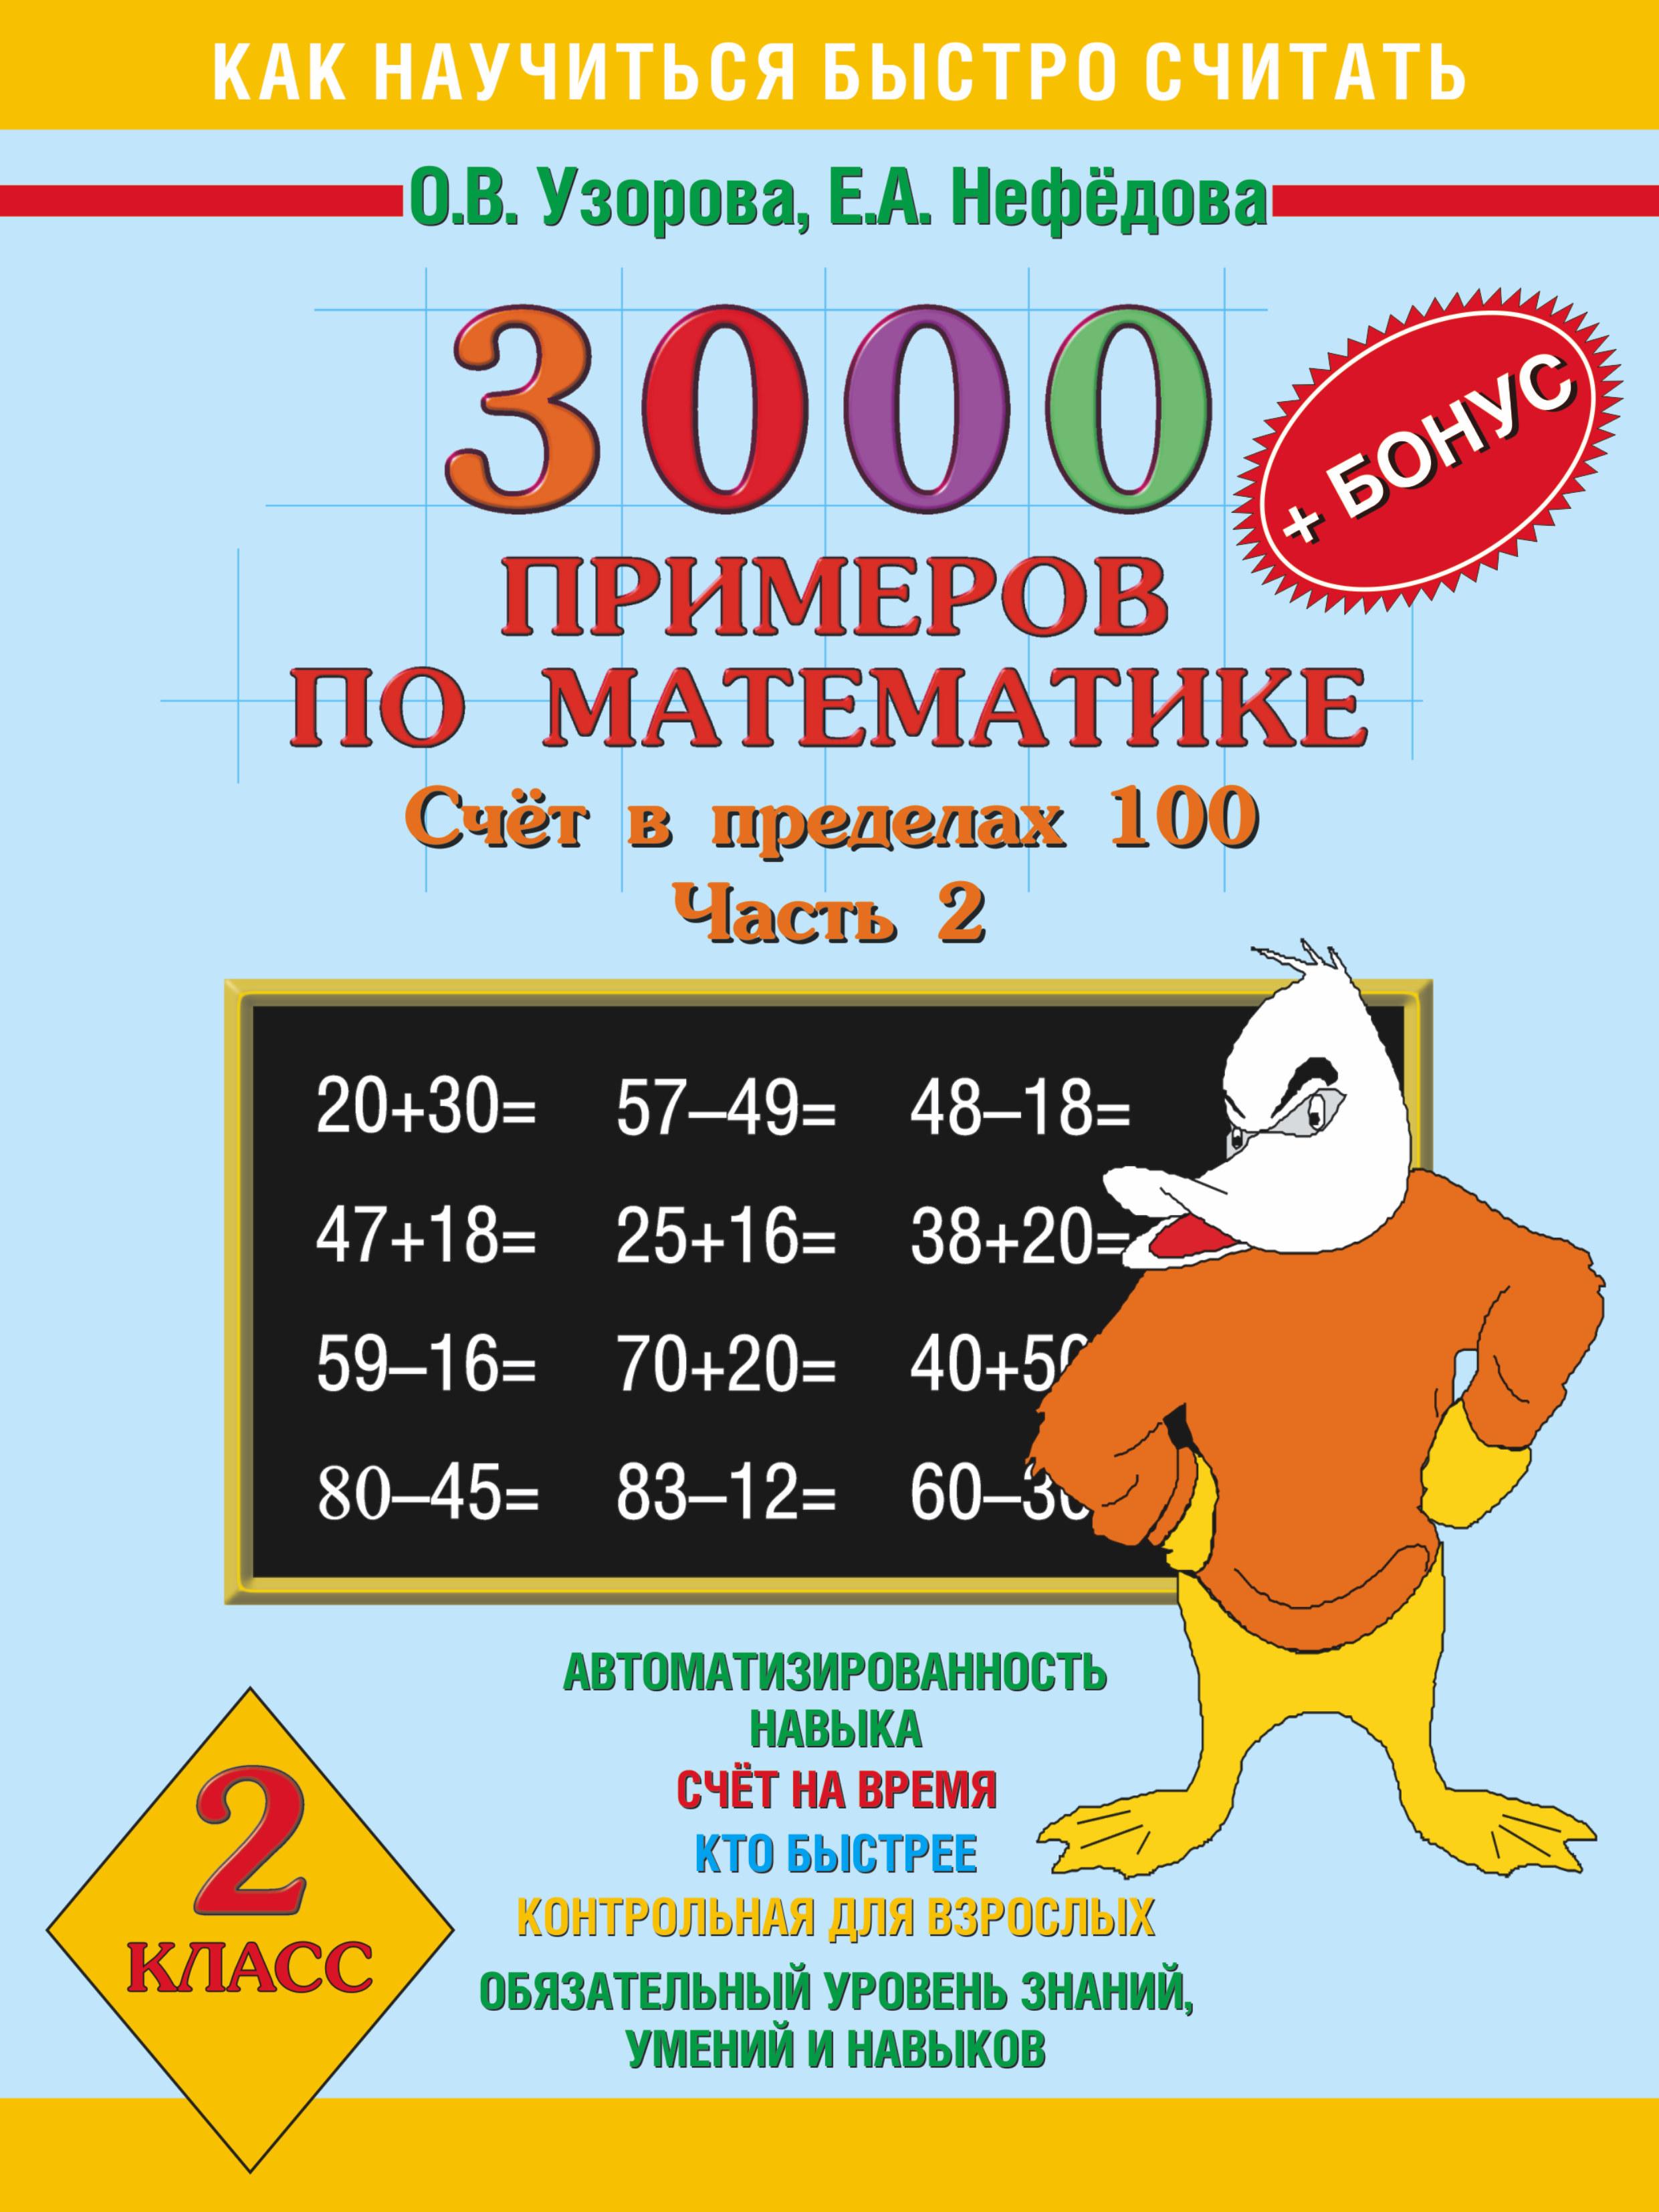 3000 + бонус примеров по математике (счёт в пределах 100) 2 класс часть 2